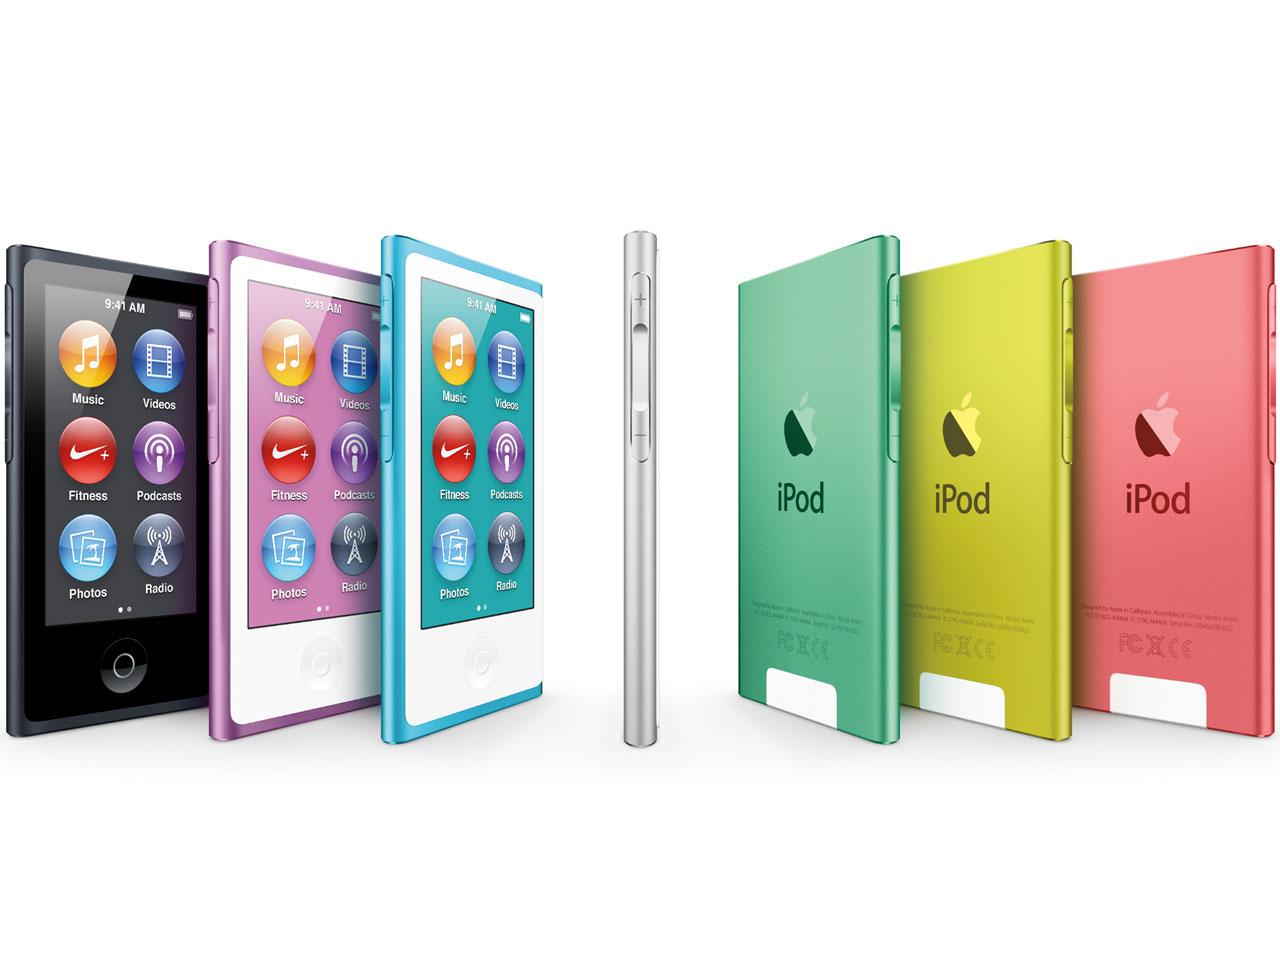 『カラーバリエーション1』 iPod nano MD480J/A [16GB シルバー] の製品画像